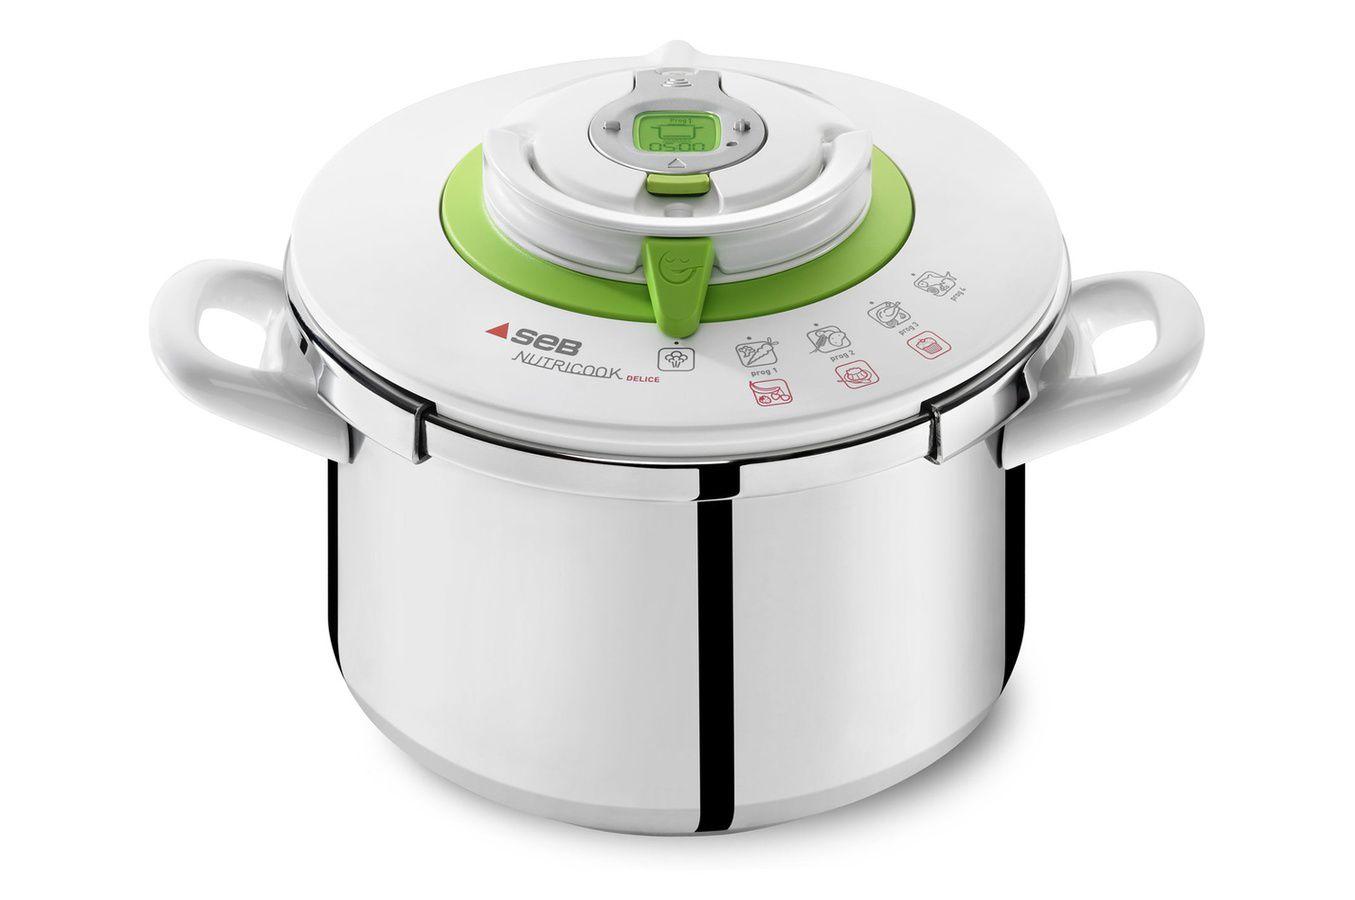 Nutricook L 39 Autocuiseur Connect L 39 Ipad Pour Cuisiner Plus Facilement